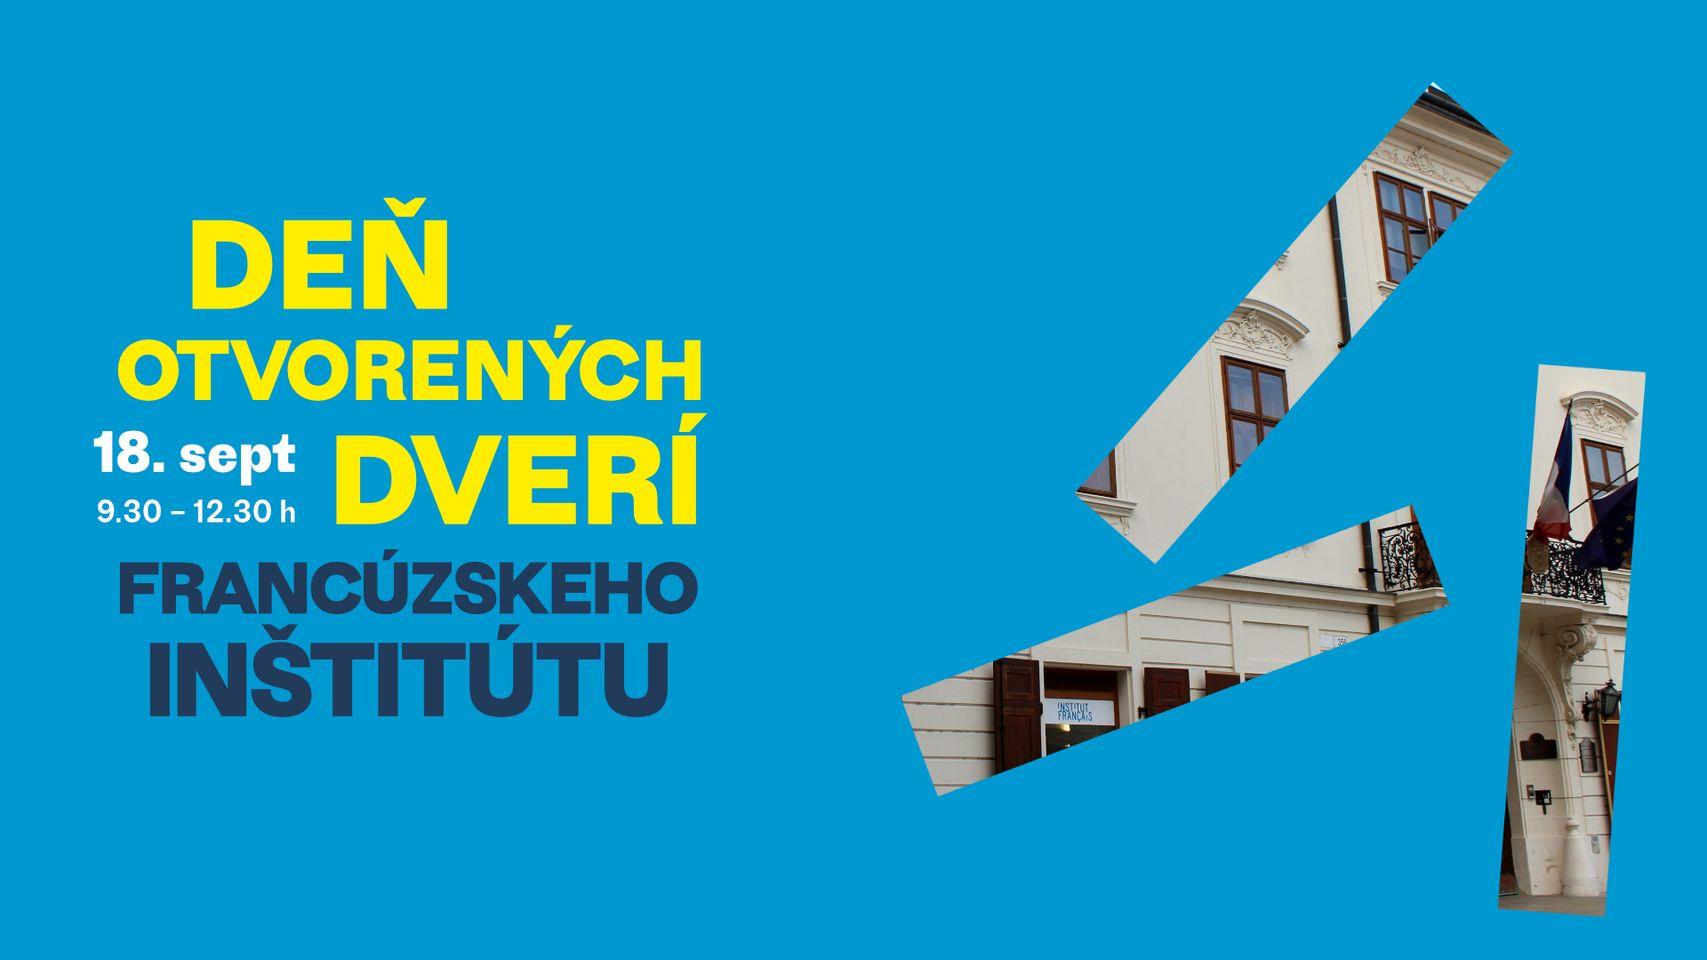 Deň otvorených dverí Francúzskeho inštitútu - 18.9.2021 od 9:30 do 12:30